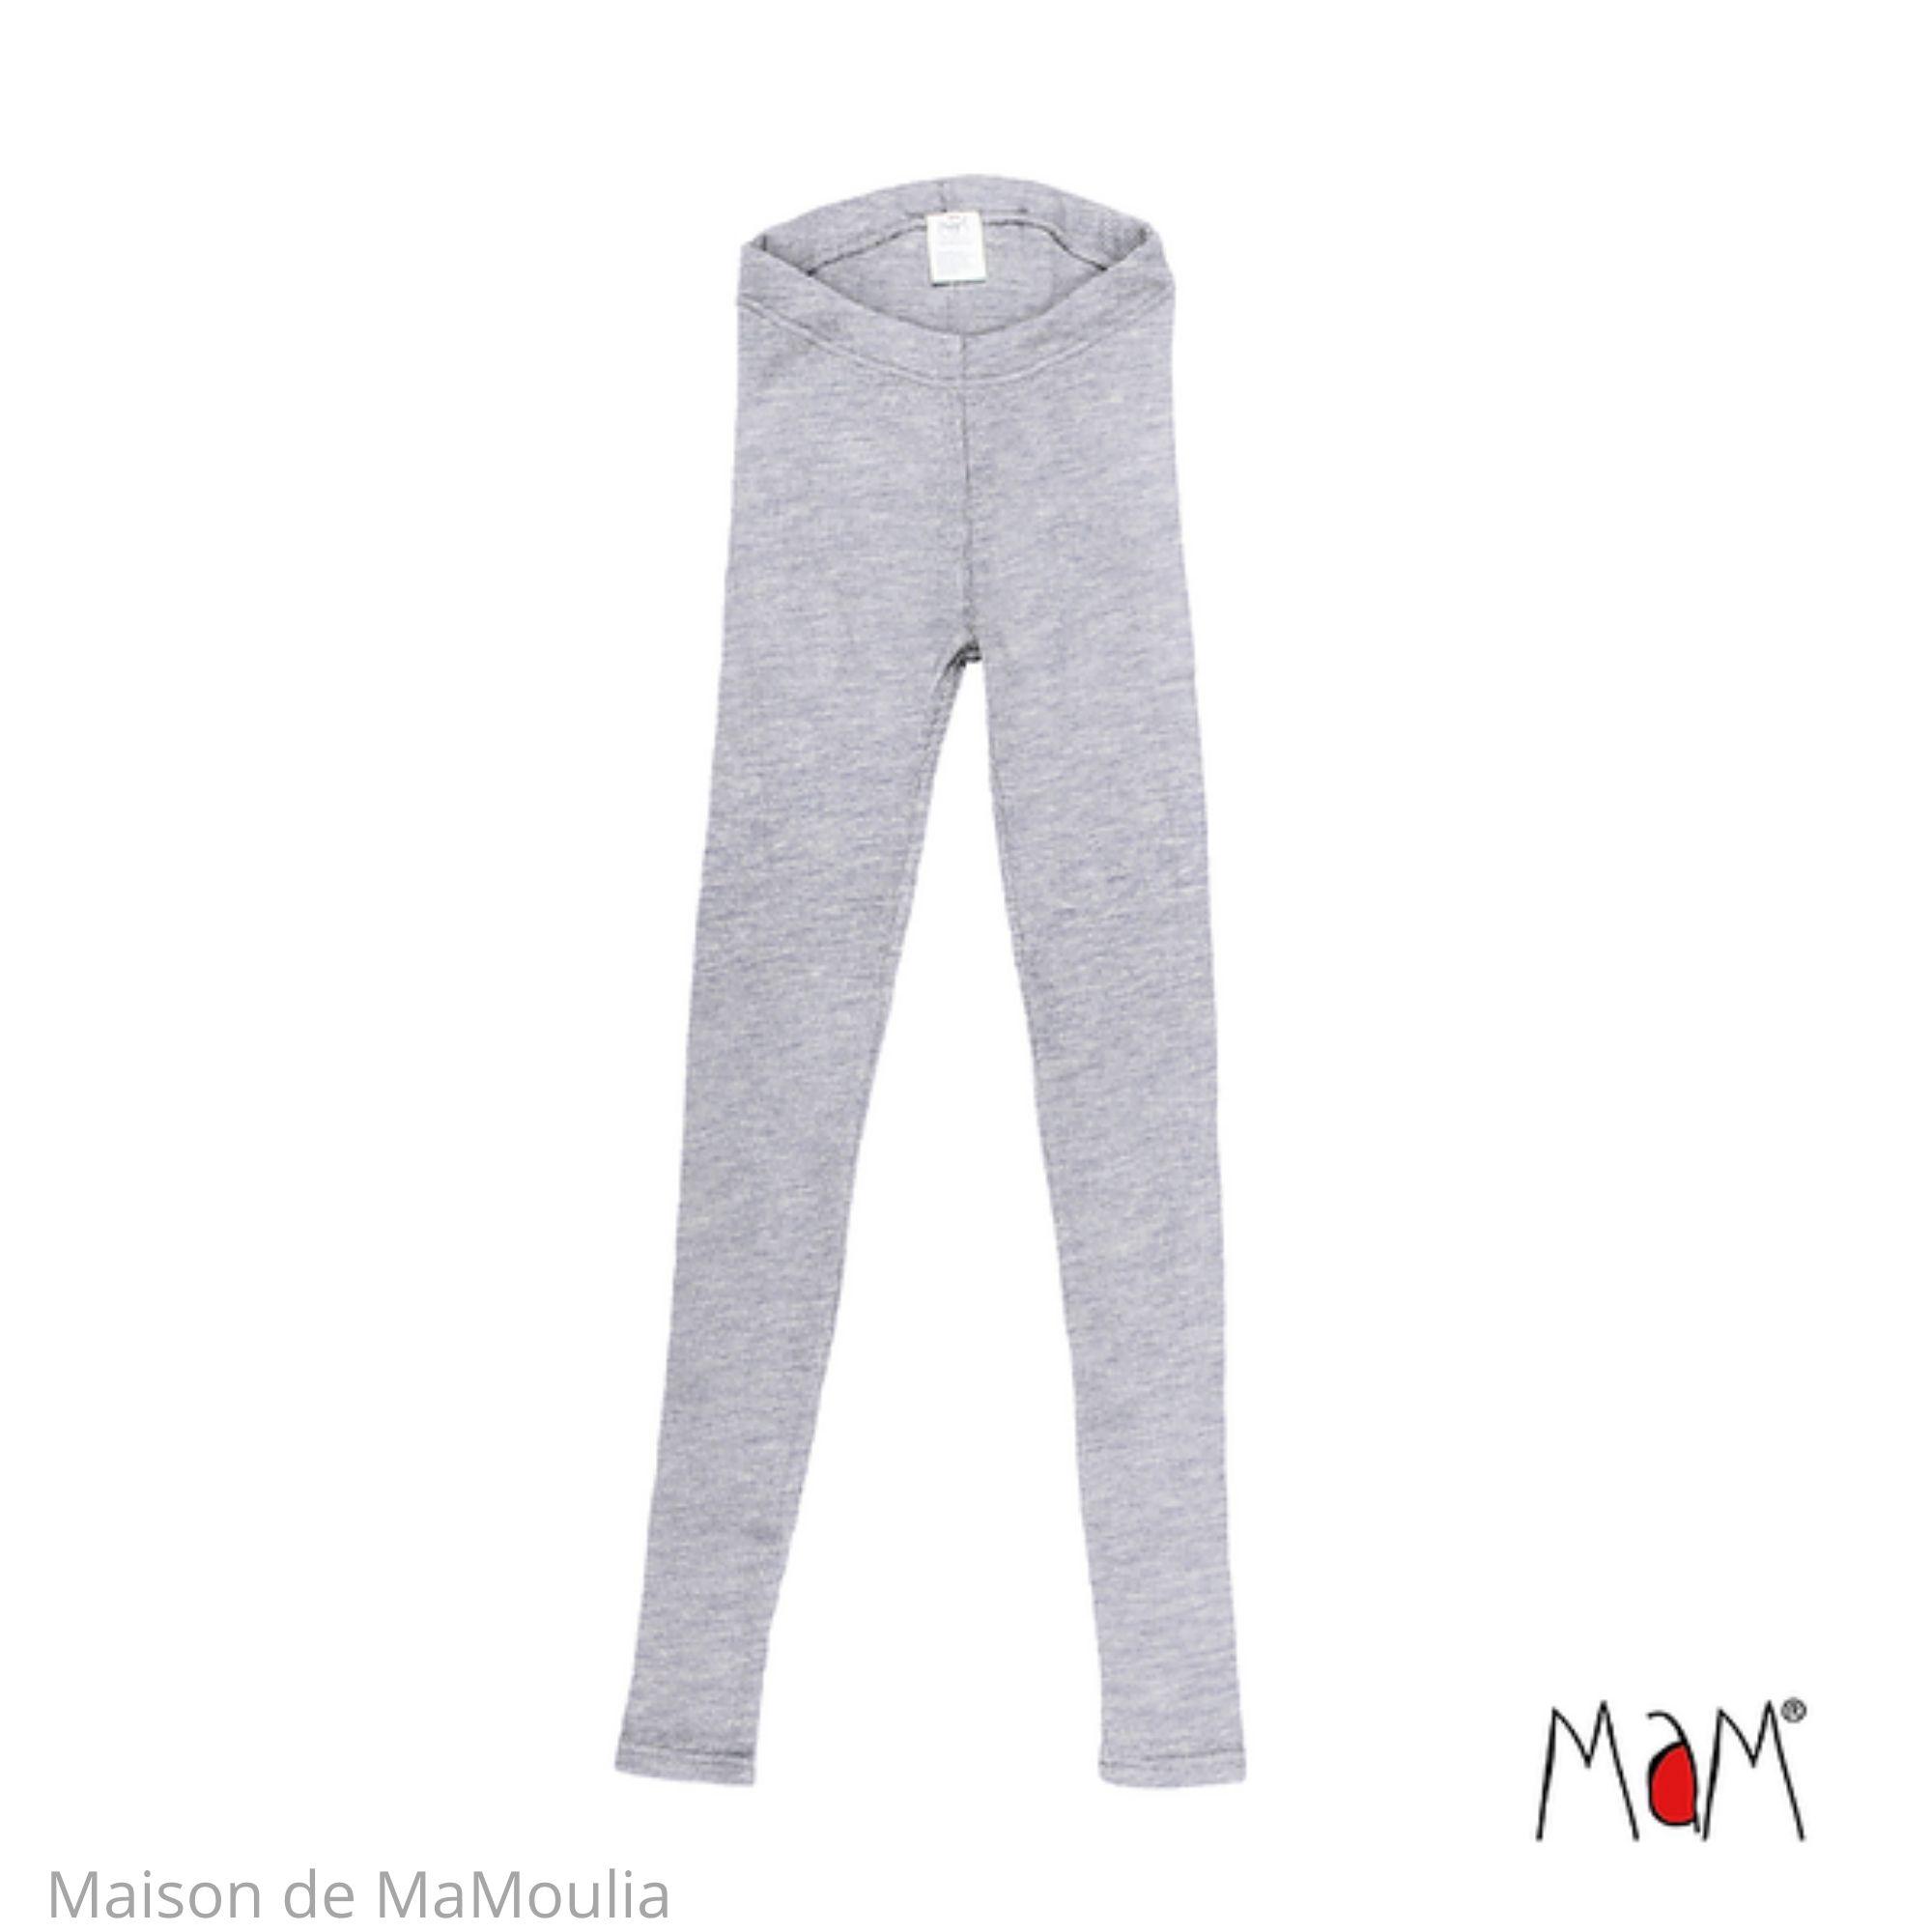 MAM - All-time Leggings pour femme et ado - laine mérinos